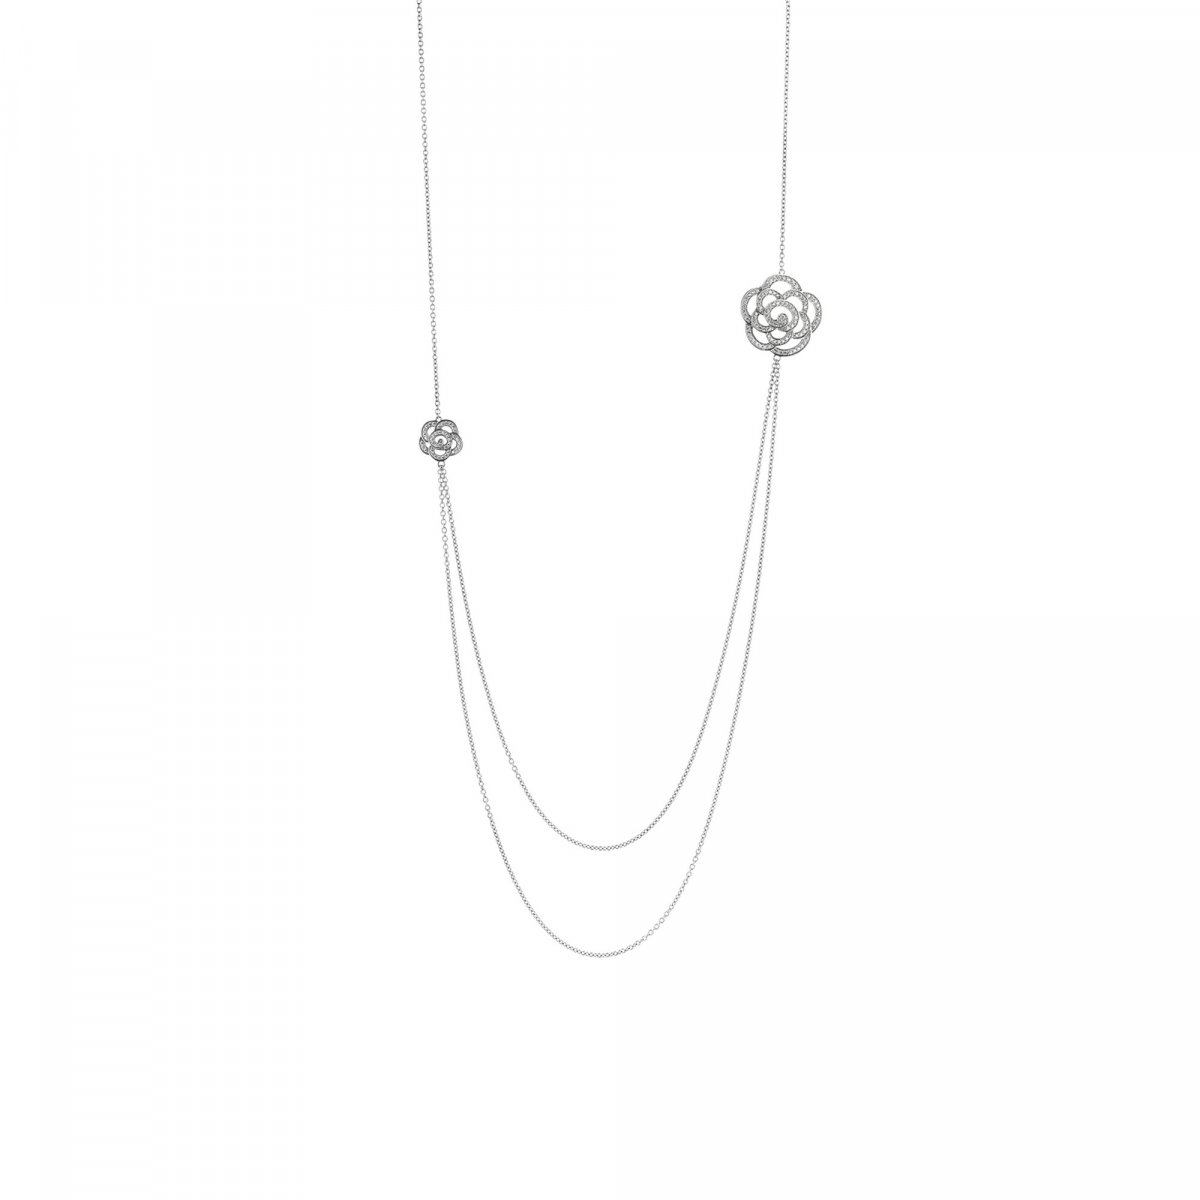 Dvojradový náhrdelník TI SENTO s kvetmi